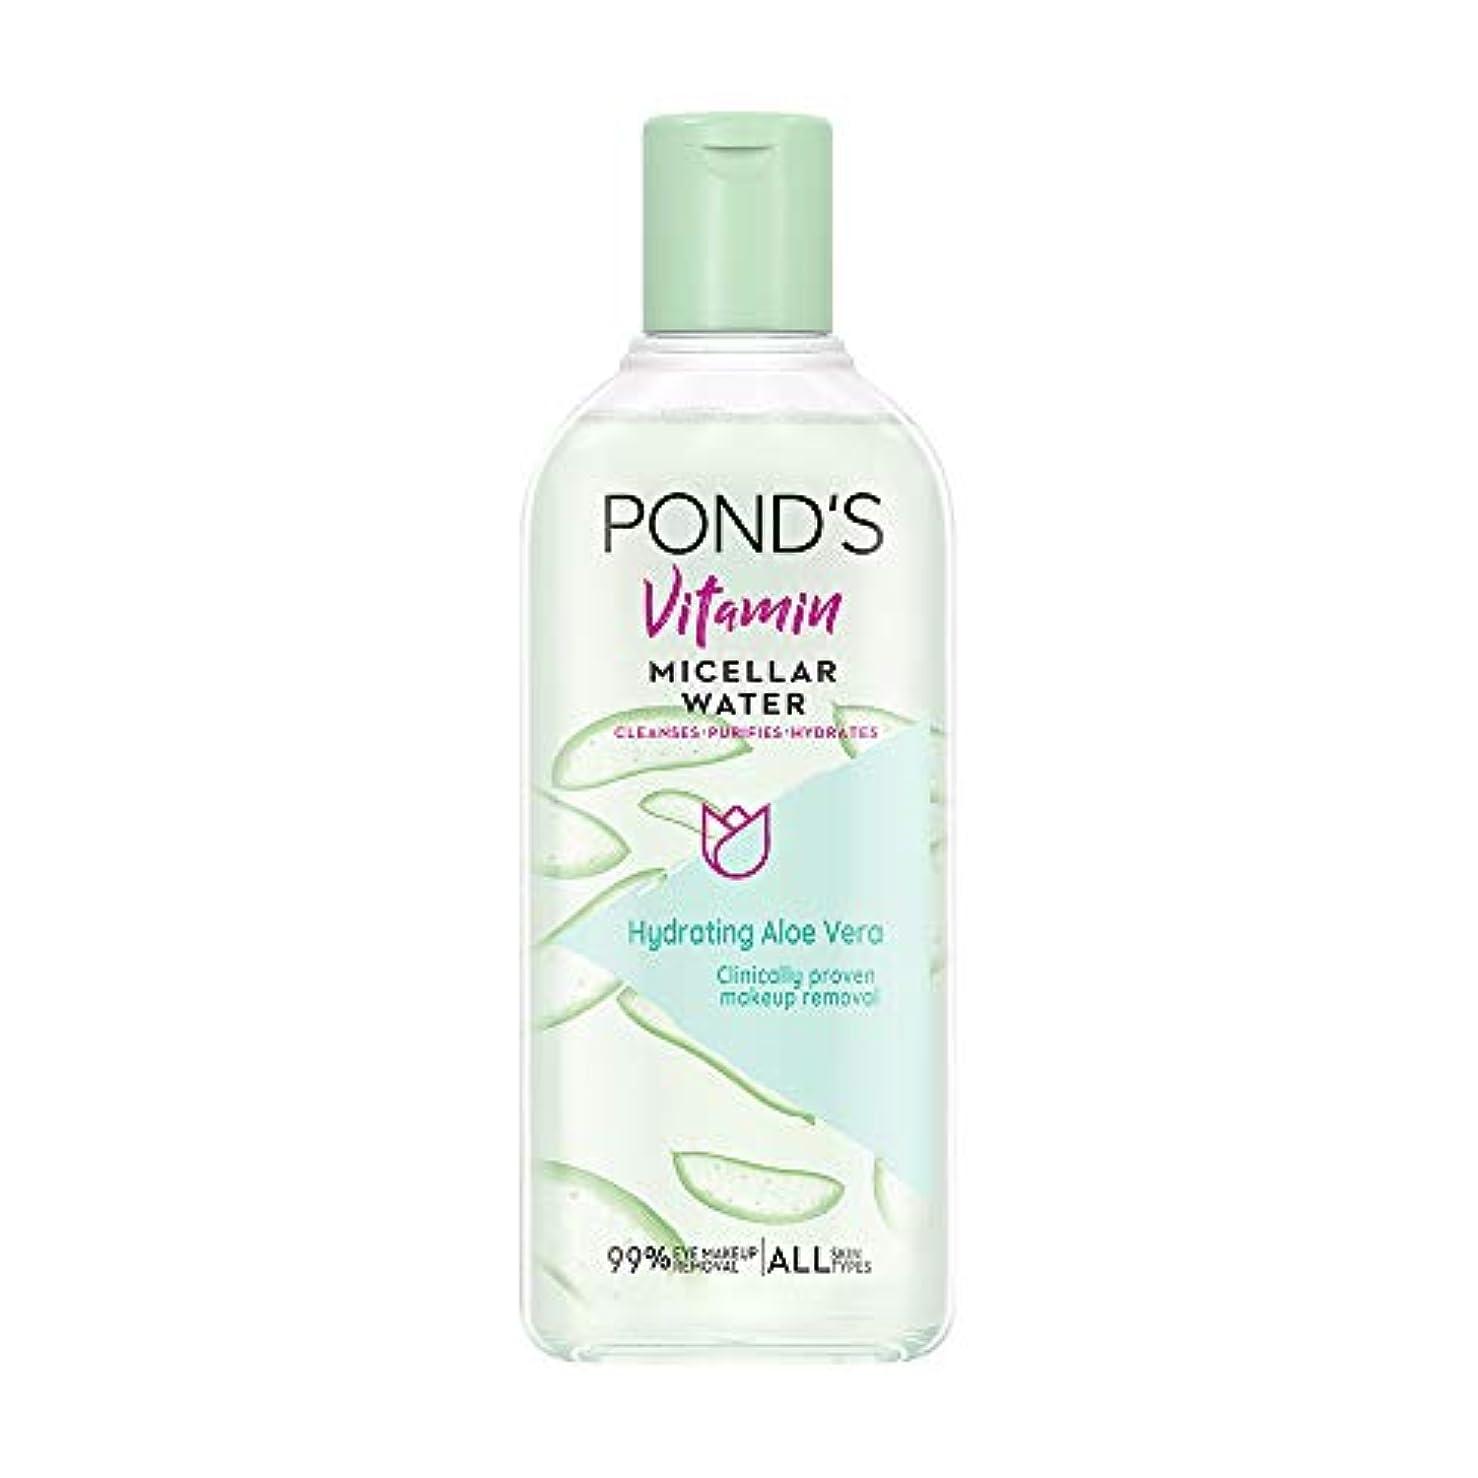 知り合い証明論争の的Pond's Vitamin Micellar Water Hydrating Aloe Vera, 250 ml